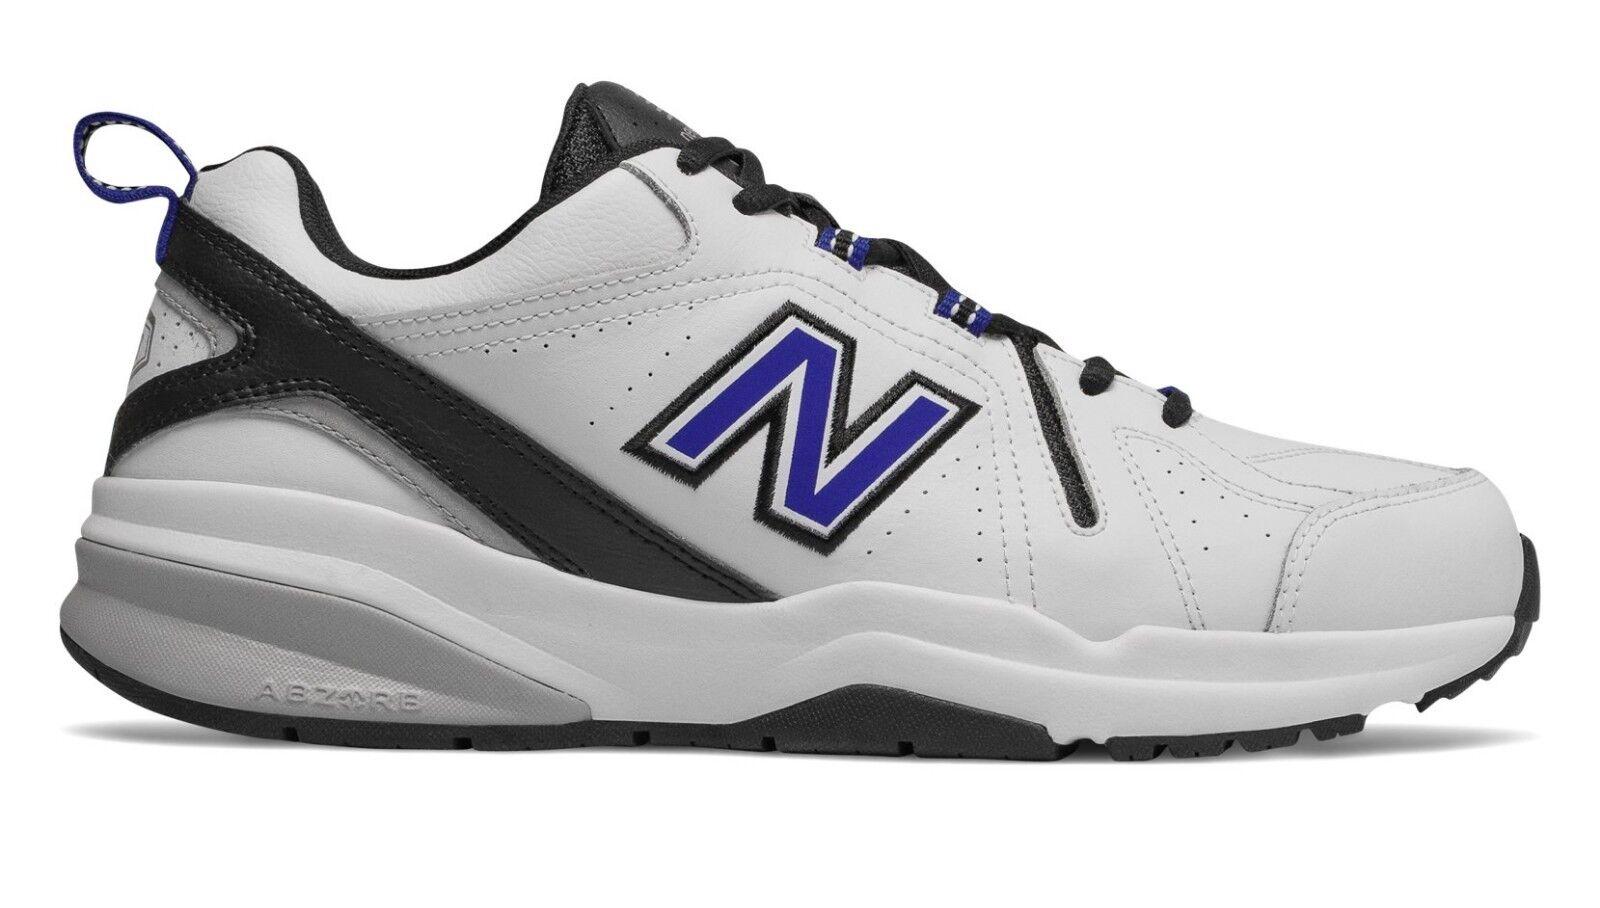 New Balance MX608WR5 Men's 608v5 White Black Slip-Resistant Training shoes